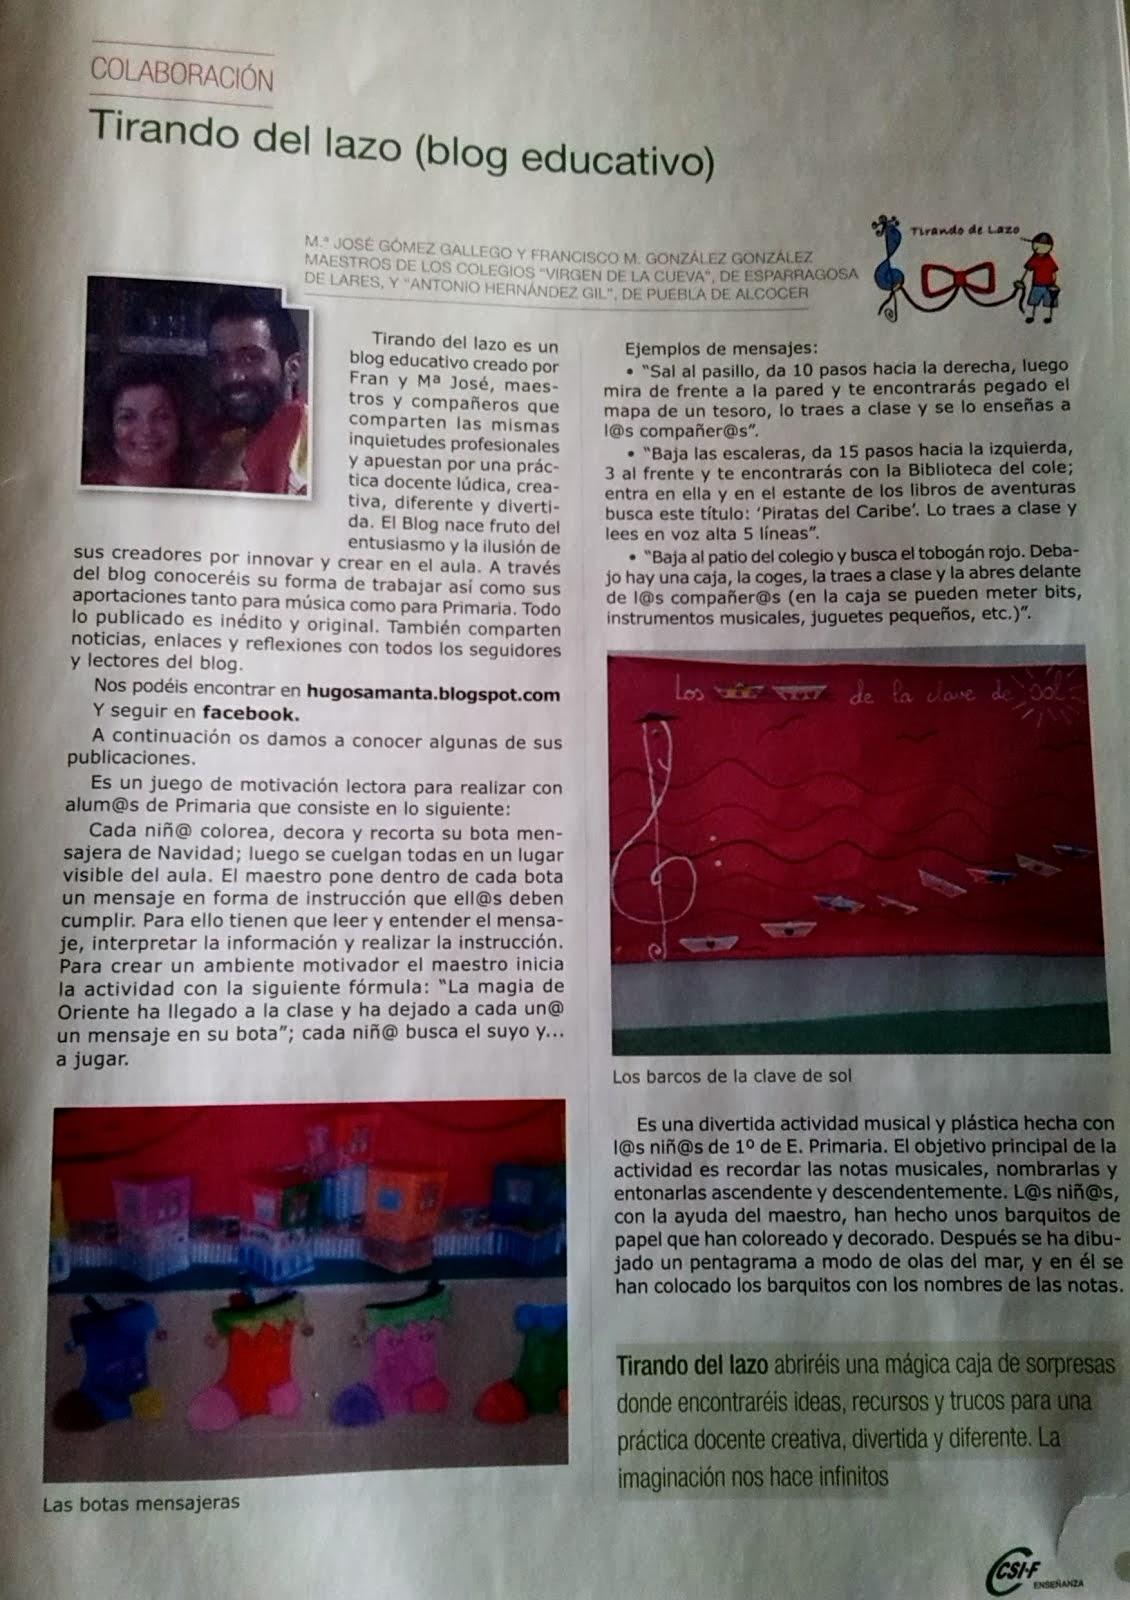 """""""TIRANDO DEL LAZO ARTISTA, SUBE A LA REVISTA."""""""